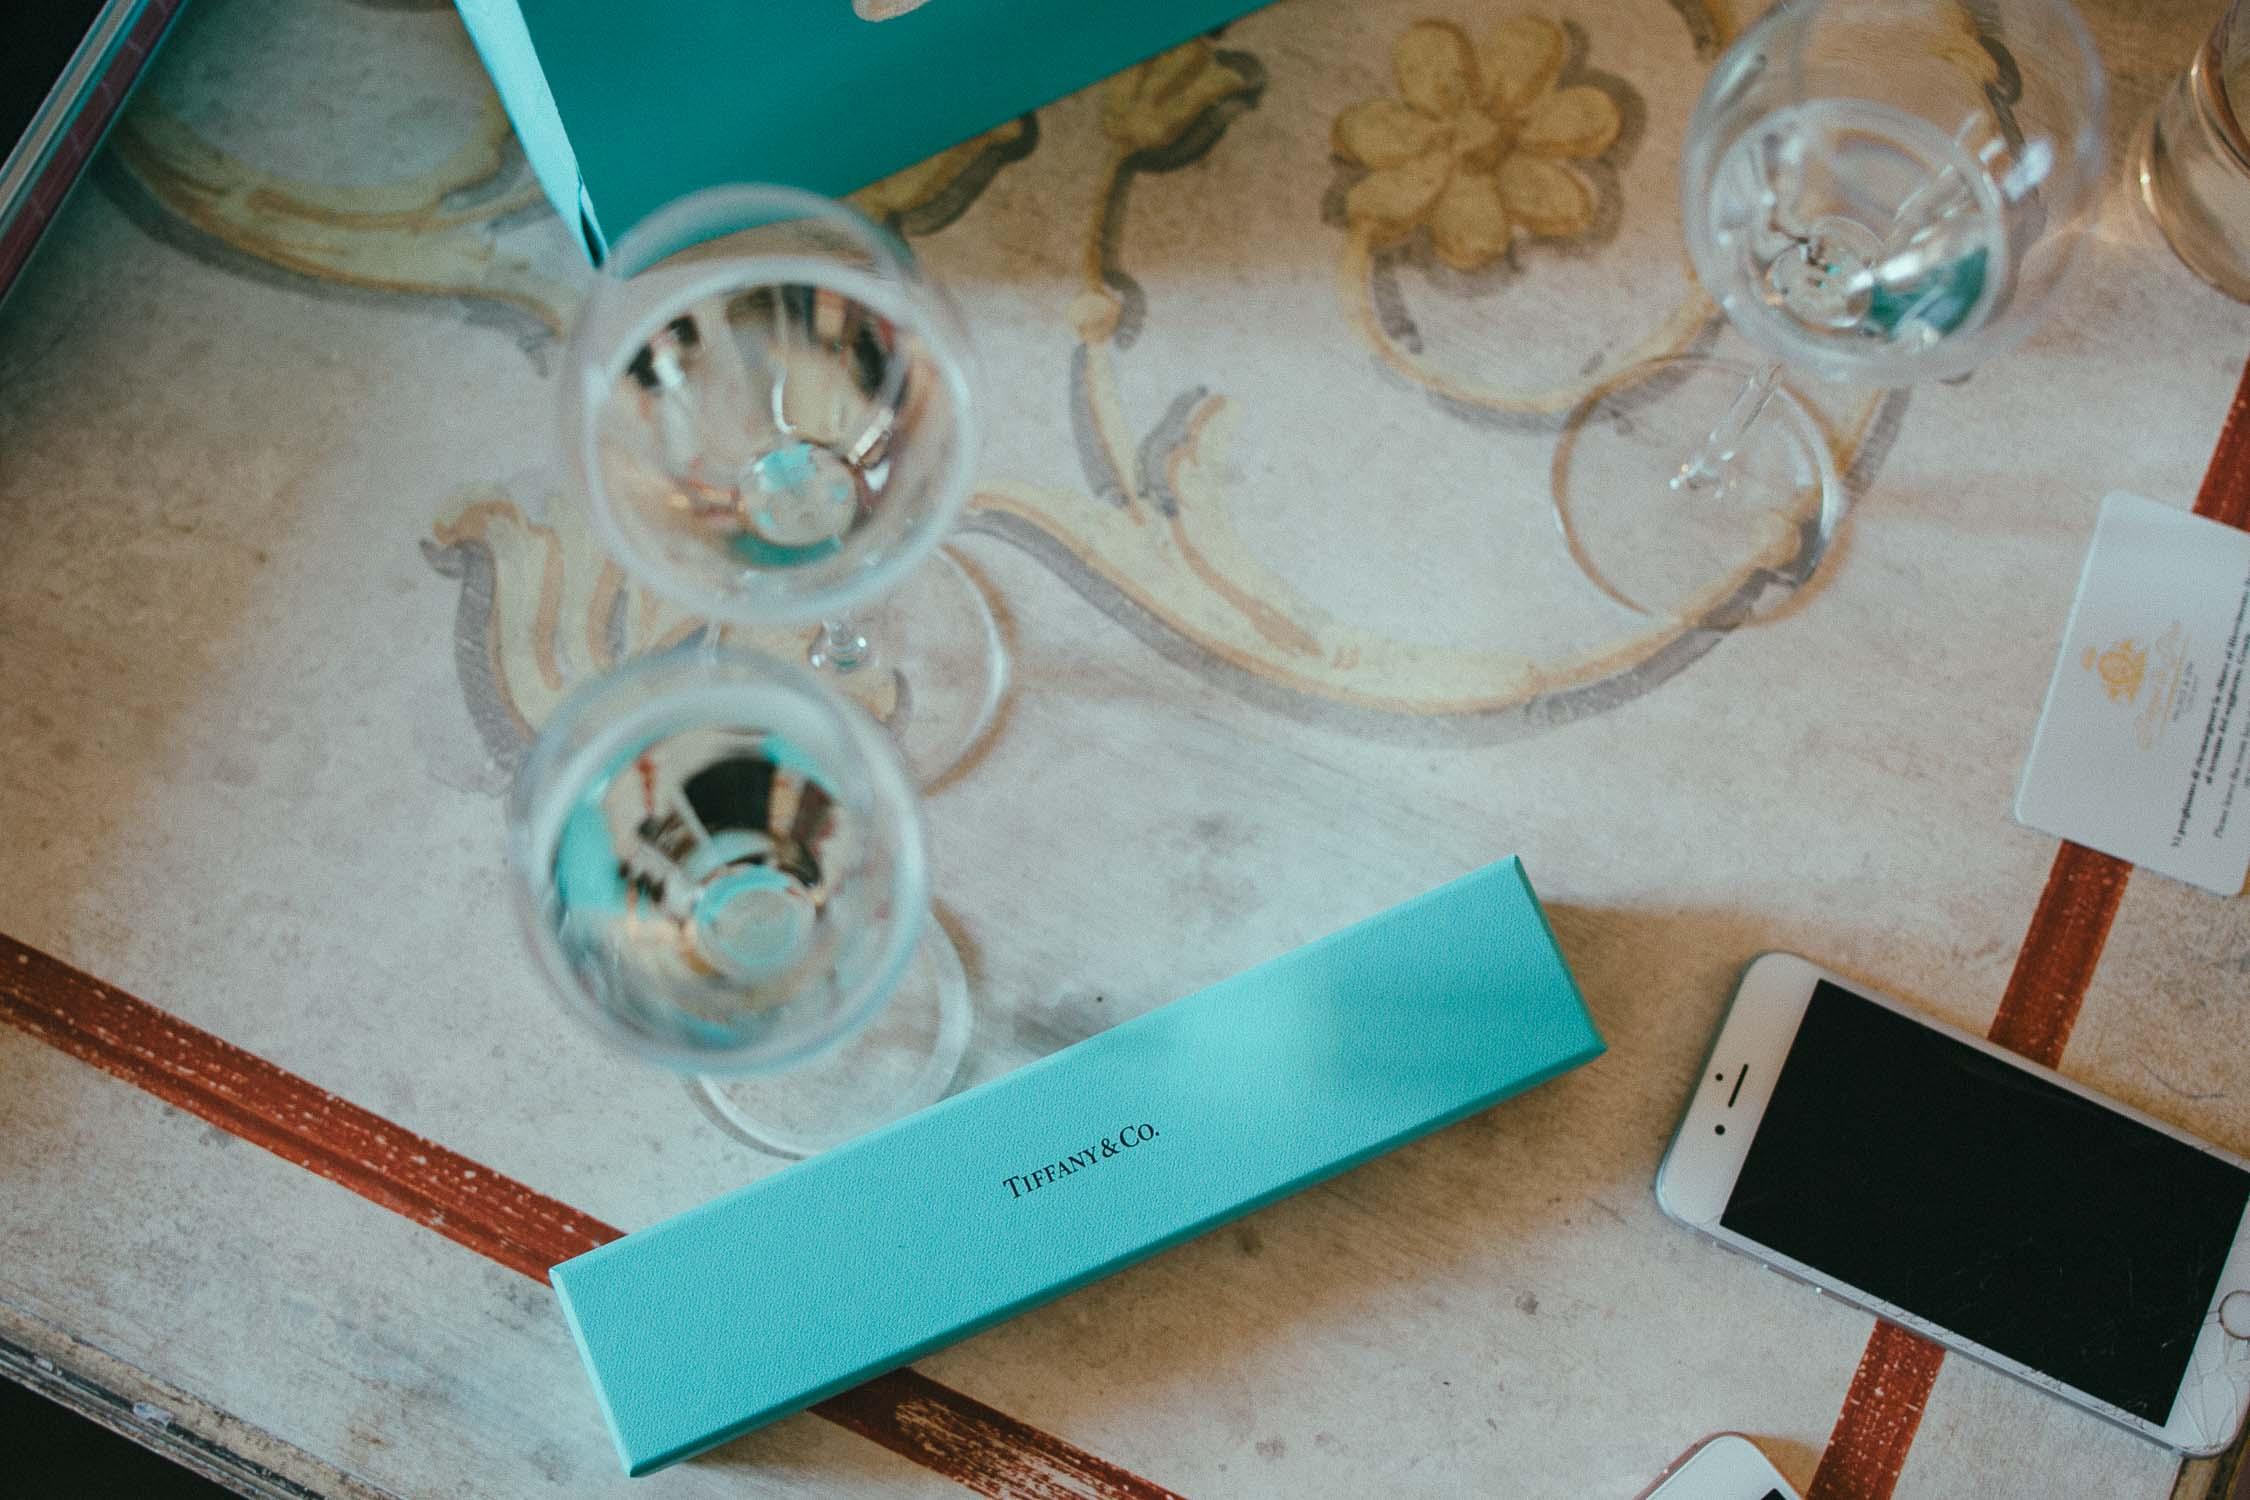 destiantion-wedding-in-tuscany-getting-ready (2).jpg